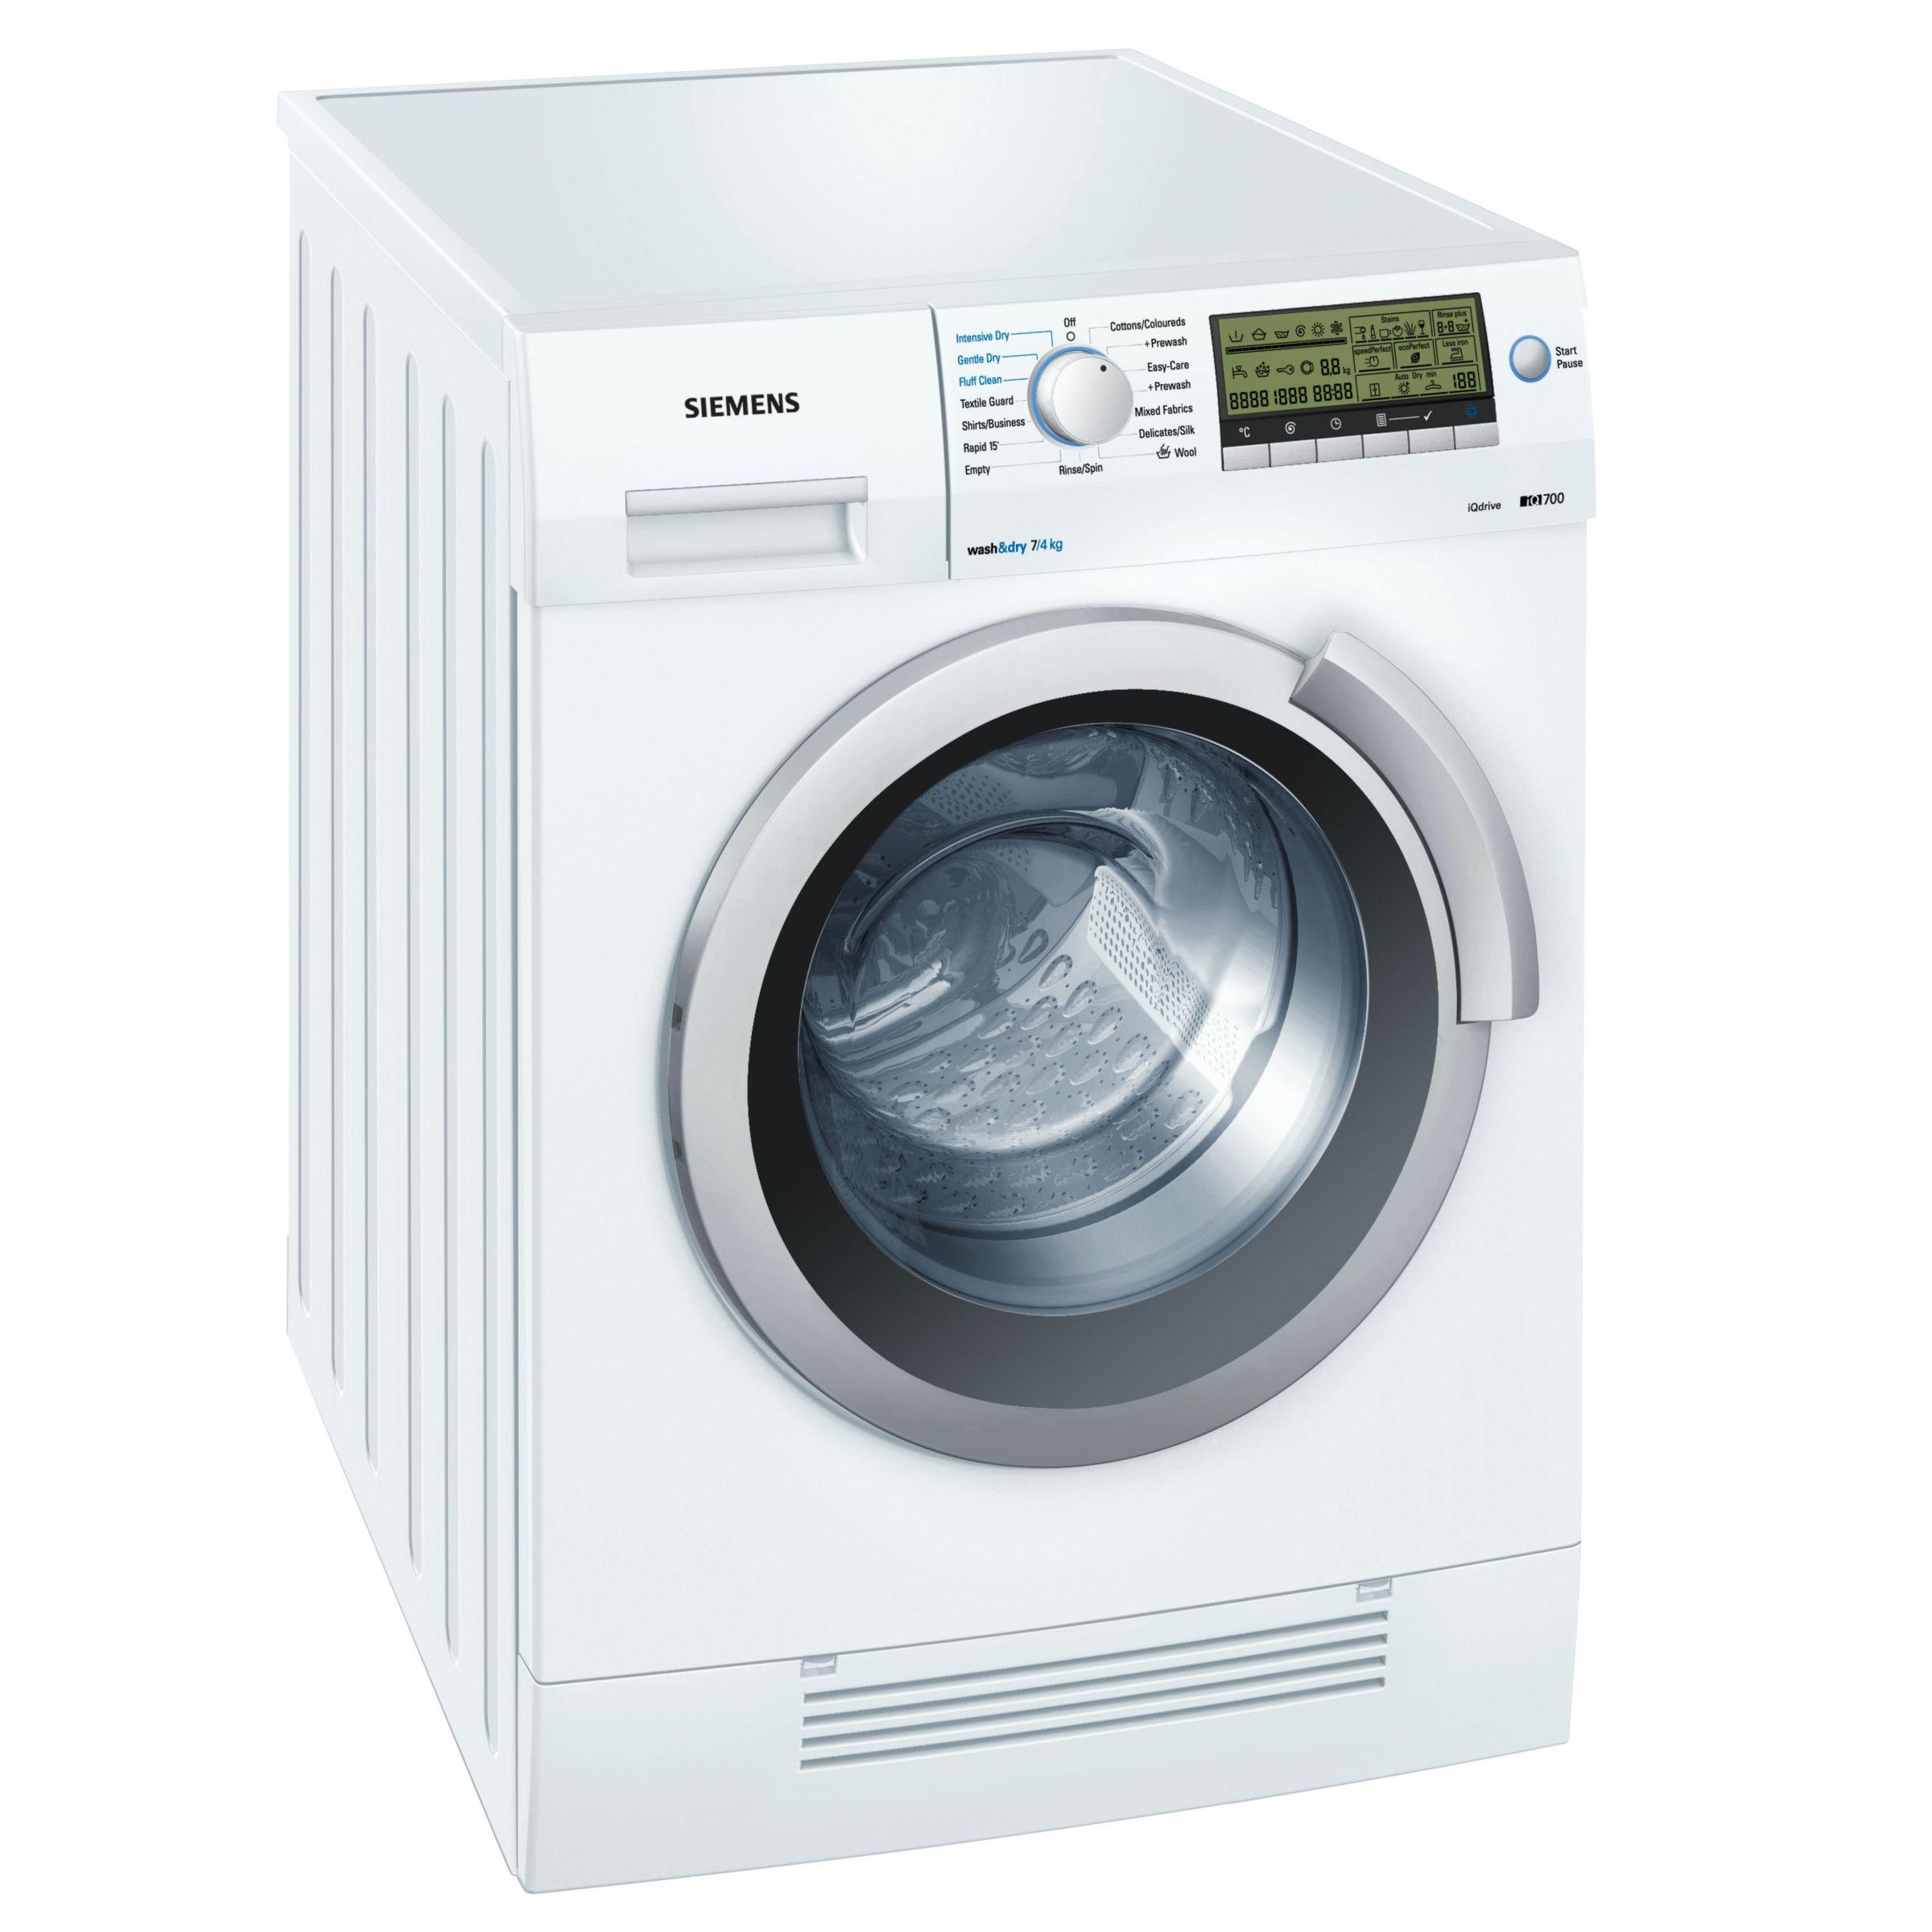 Siemens IQ700 WD14H520GB 1400 Spin 7+4Kg Washer Dryer in White